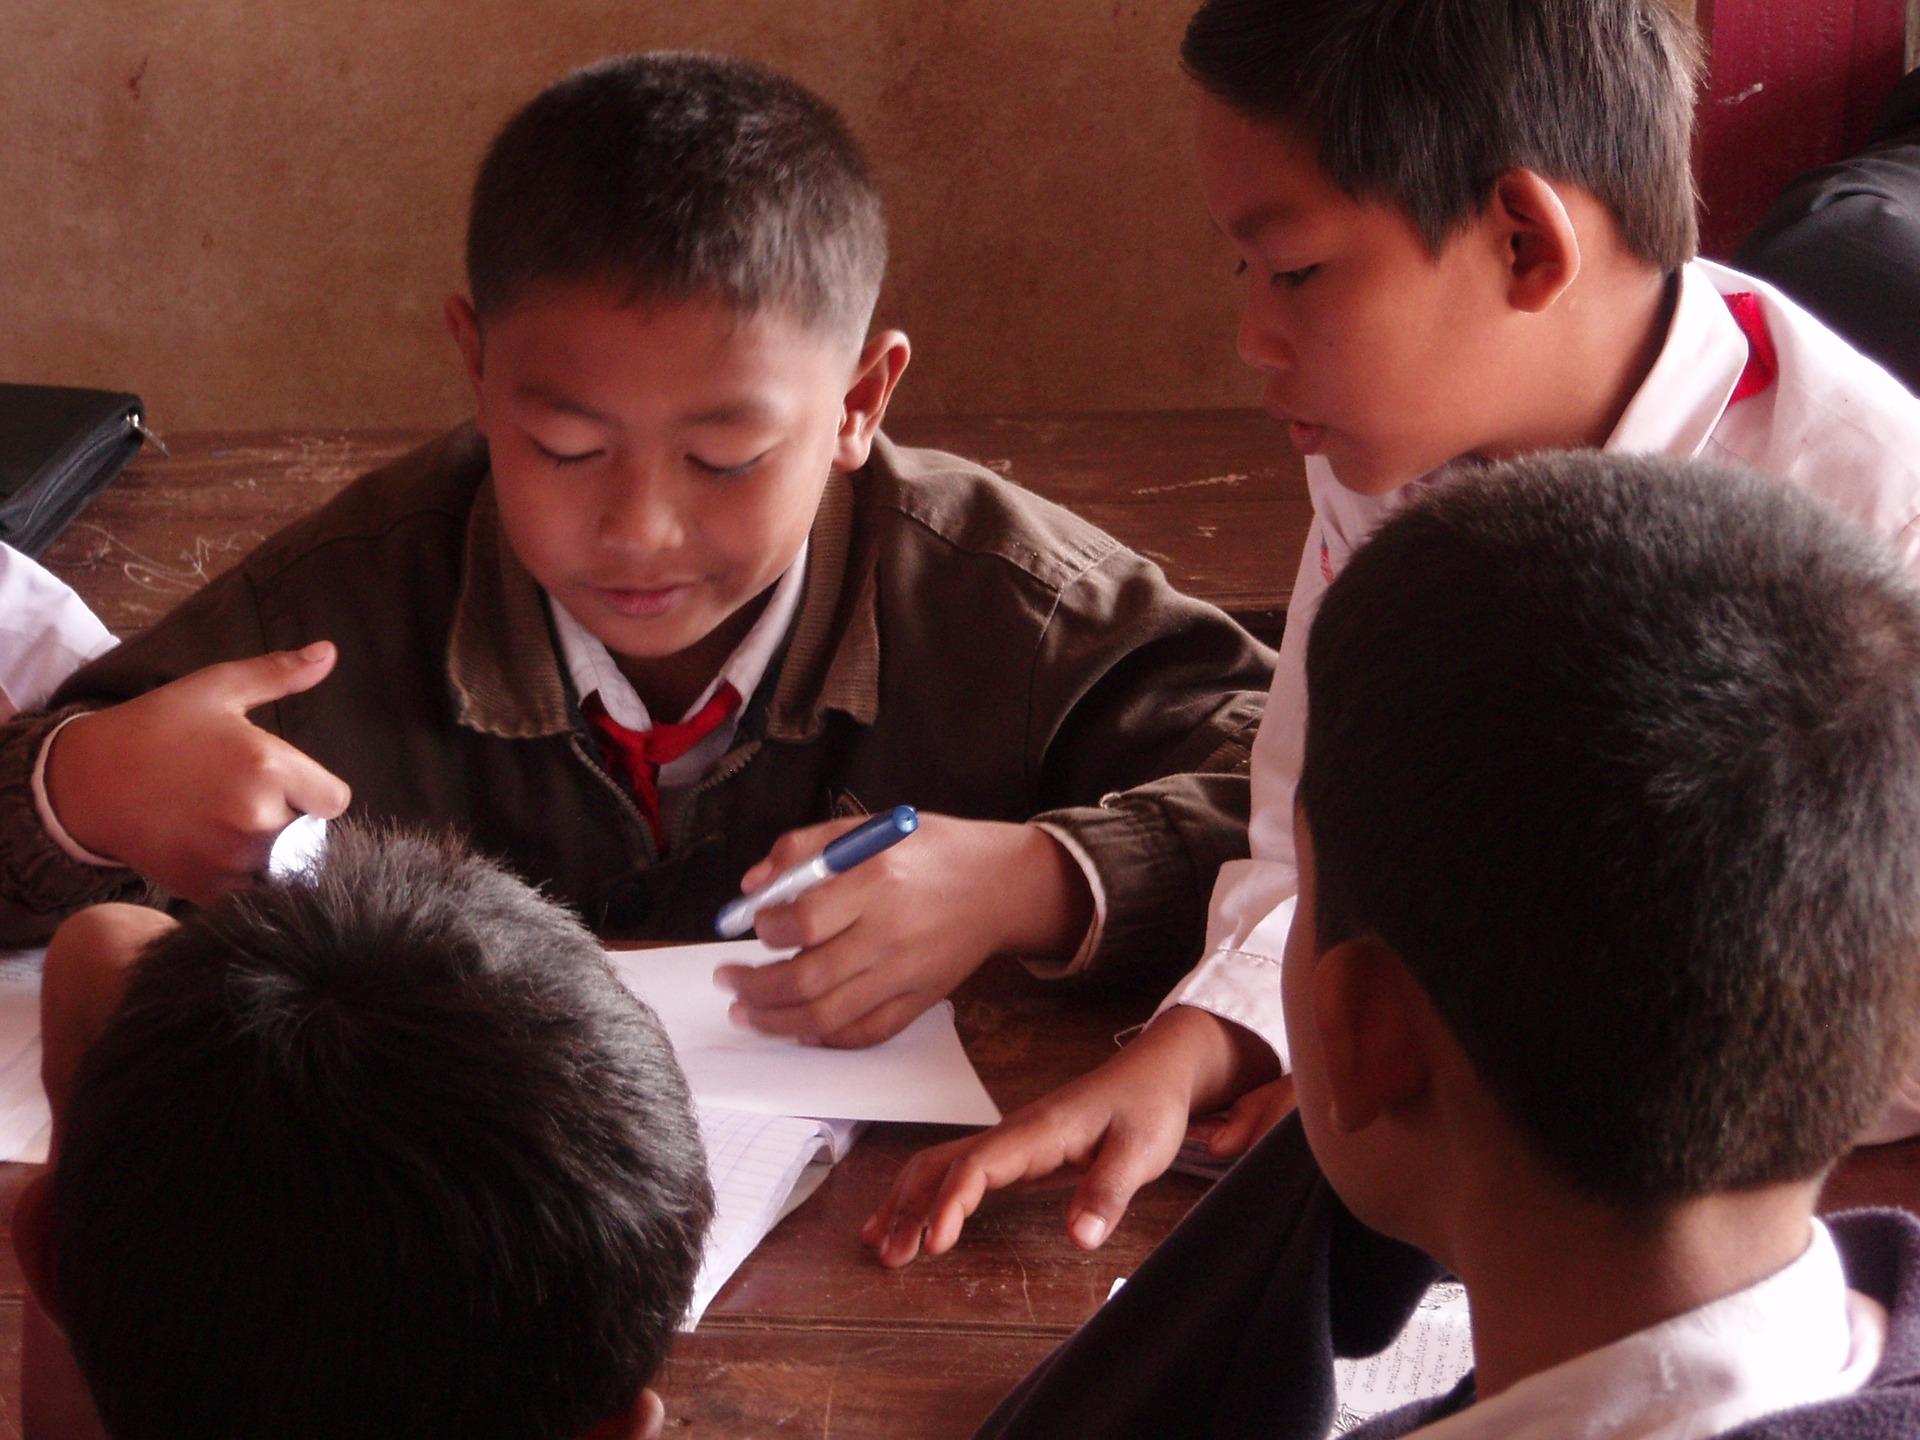 ¿Cómo identifico una dificultad de aprendizaje en mi salón de clases?